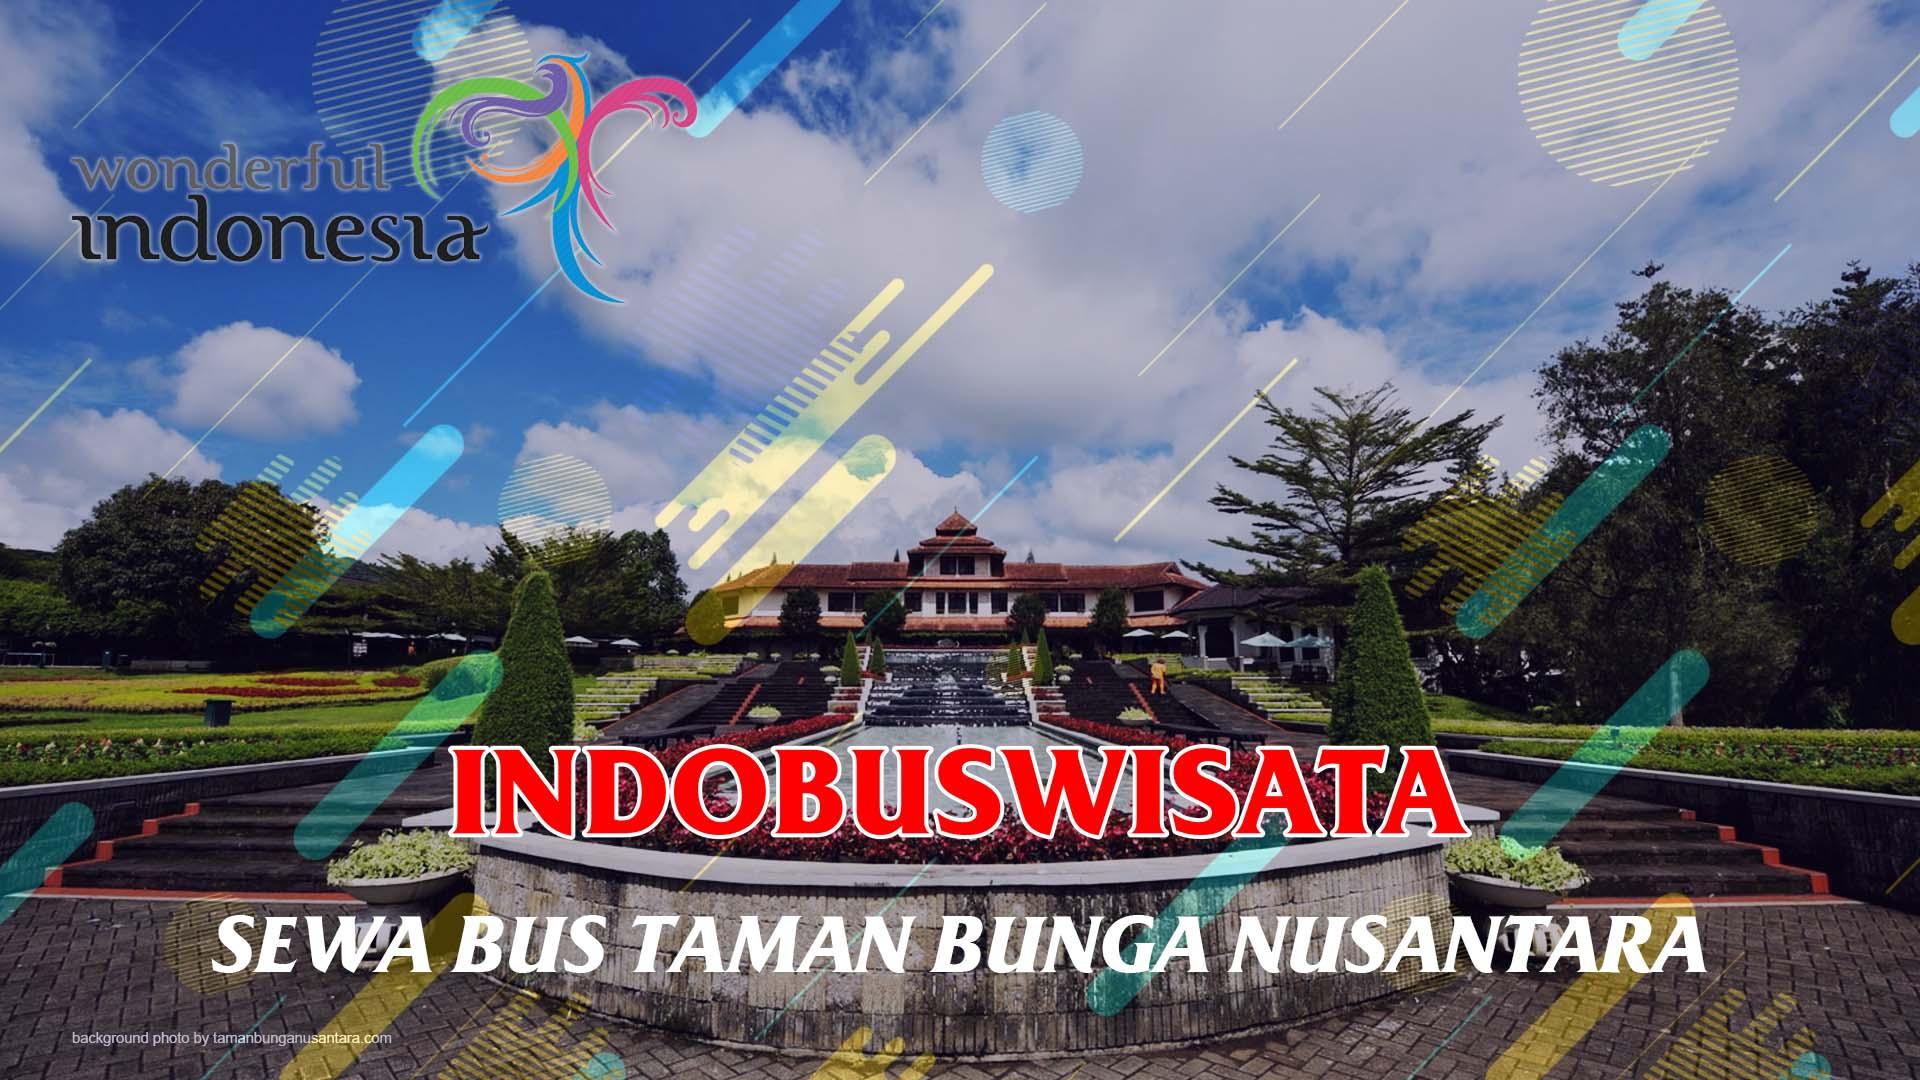 Sewa Bus Ke Taman Bunga Nusantara - Indobuswisata